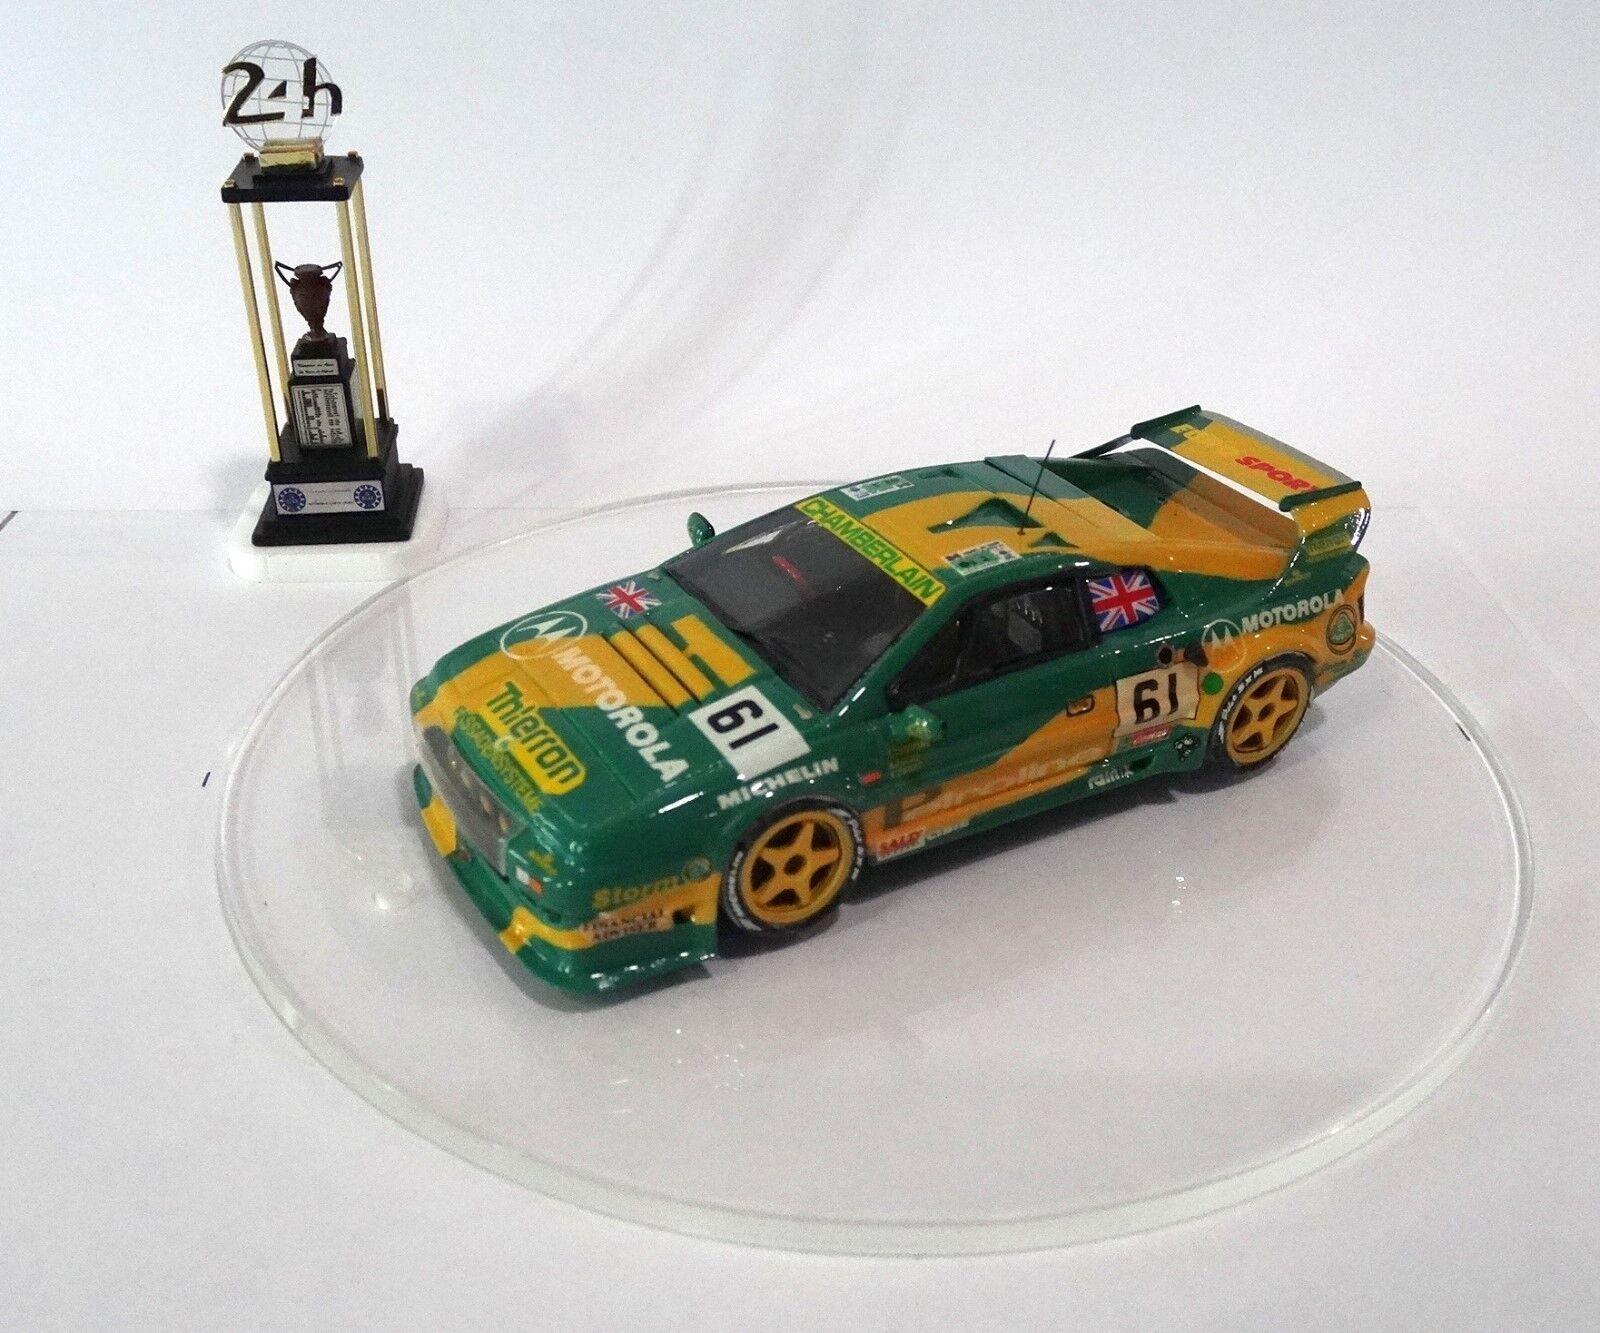 LOTUS ESPRIT S300  61 Le Mans 24 H 1994 Built Monté Kit  no spark MINICHAMPS